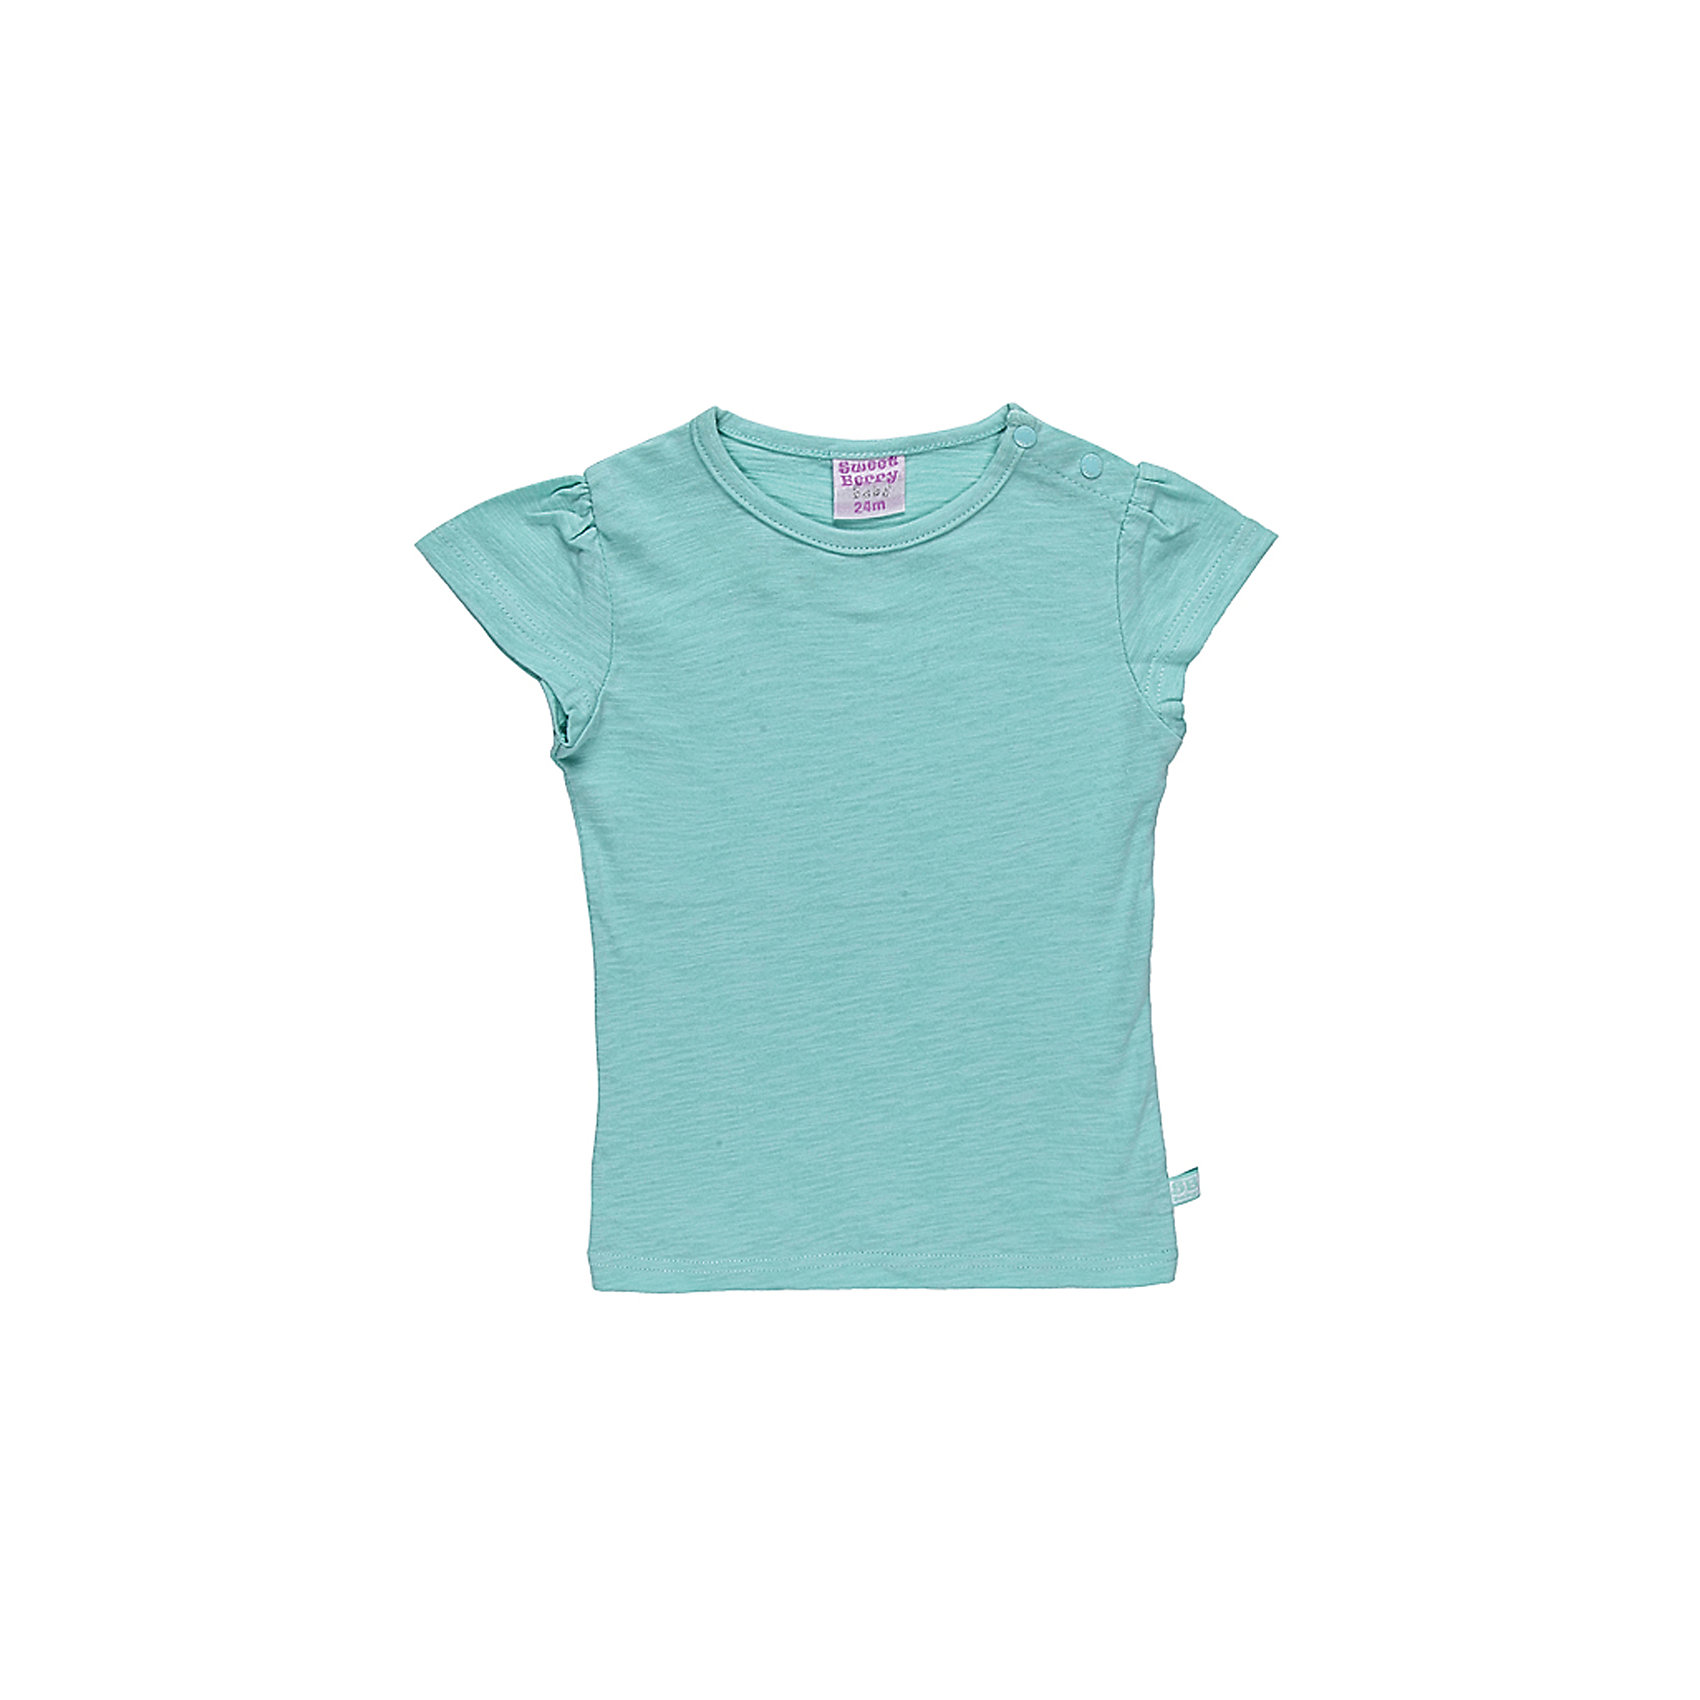 Футболка для девочки Sweet BerryБазовая футболка из эластичного трикотажа. Футболка приталенного силуэта.По рукаву сборка.<br>Состав:<br>100% хлопок<br><br>Ширина мм: 199<br>Глубина мм: 10<br>Высота мм: 161<br>Вес г: 151<br>Цвет: зеленый<br>Возраст от месяцев: 24<br>Возраст до месяцев: 36<br>Пол: Женский<br>Возраст: Детский<br>Размер: 98,86,80,92<br>SKU: 4520616